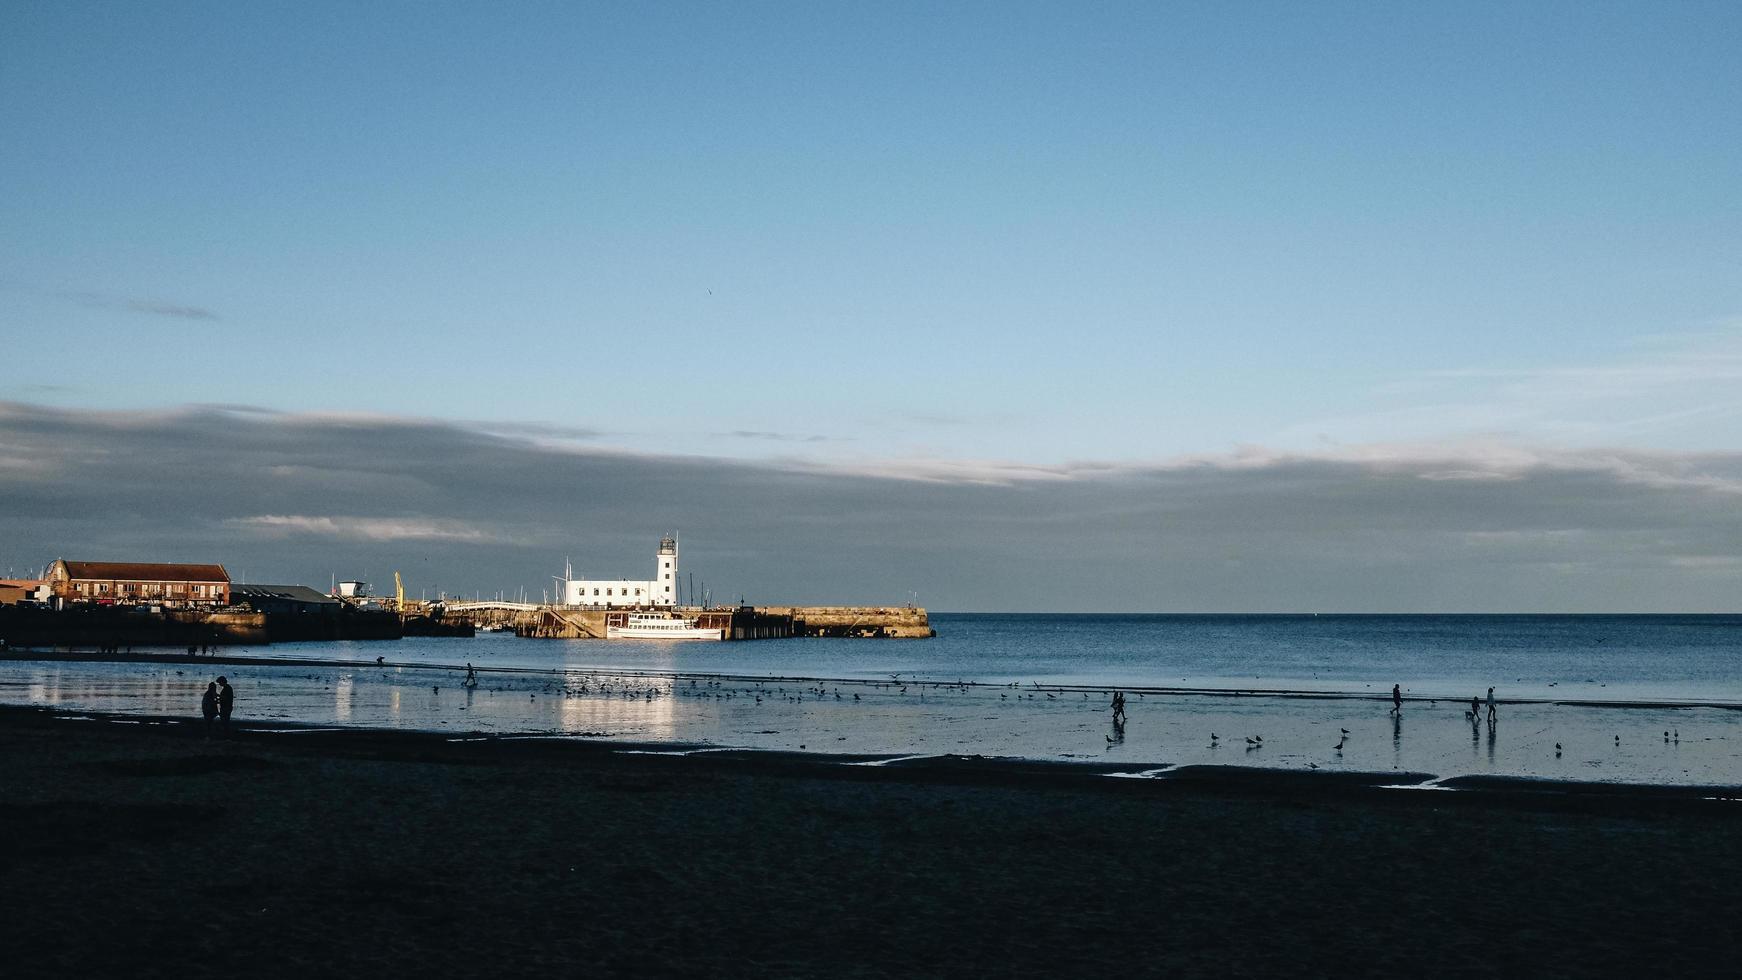 White ship on the sea photo